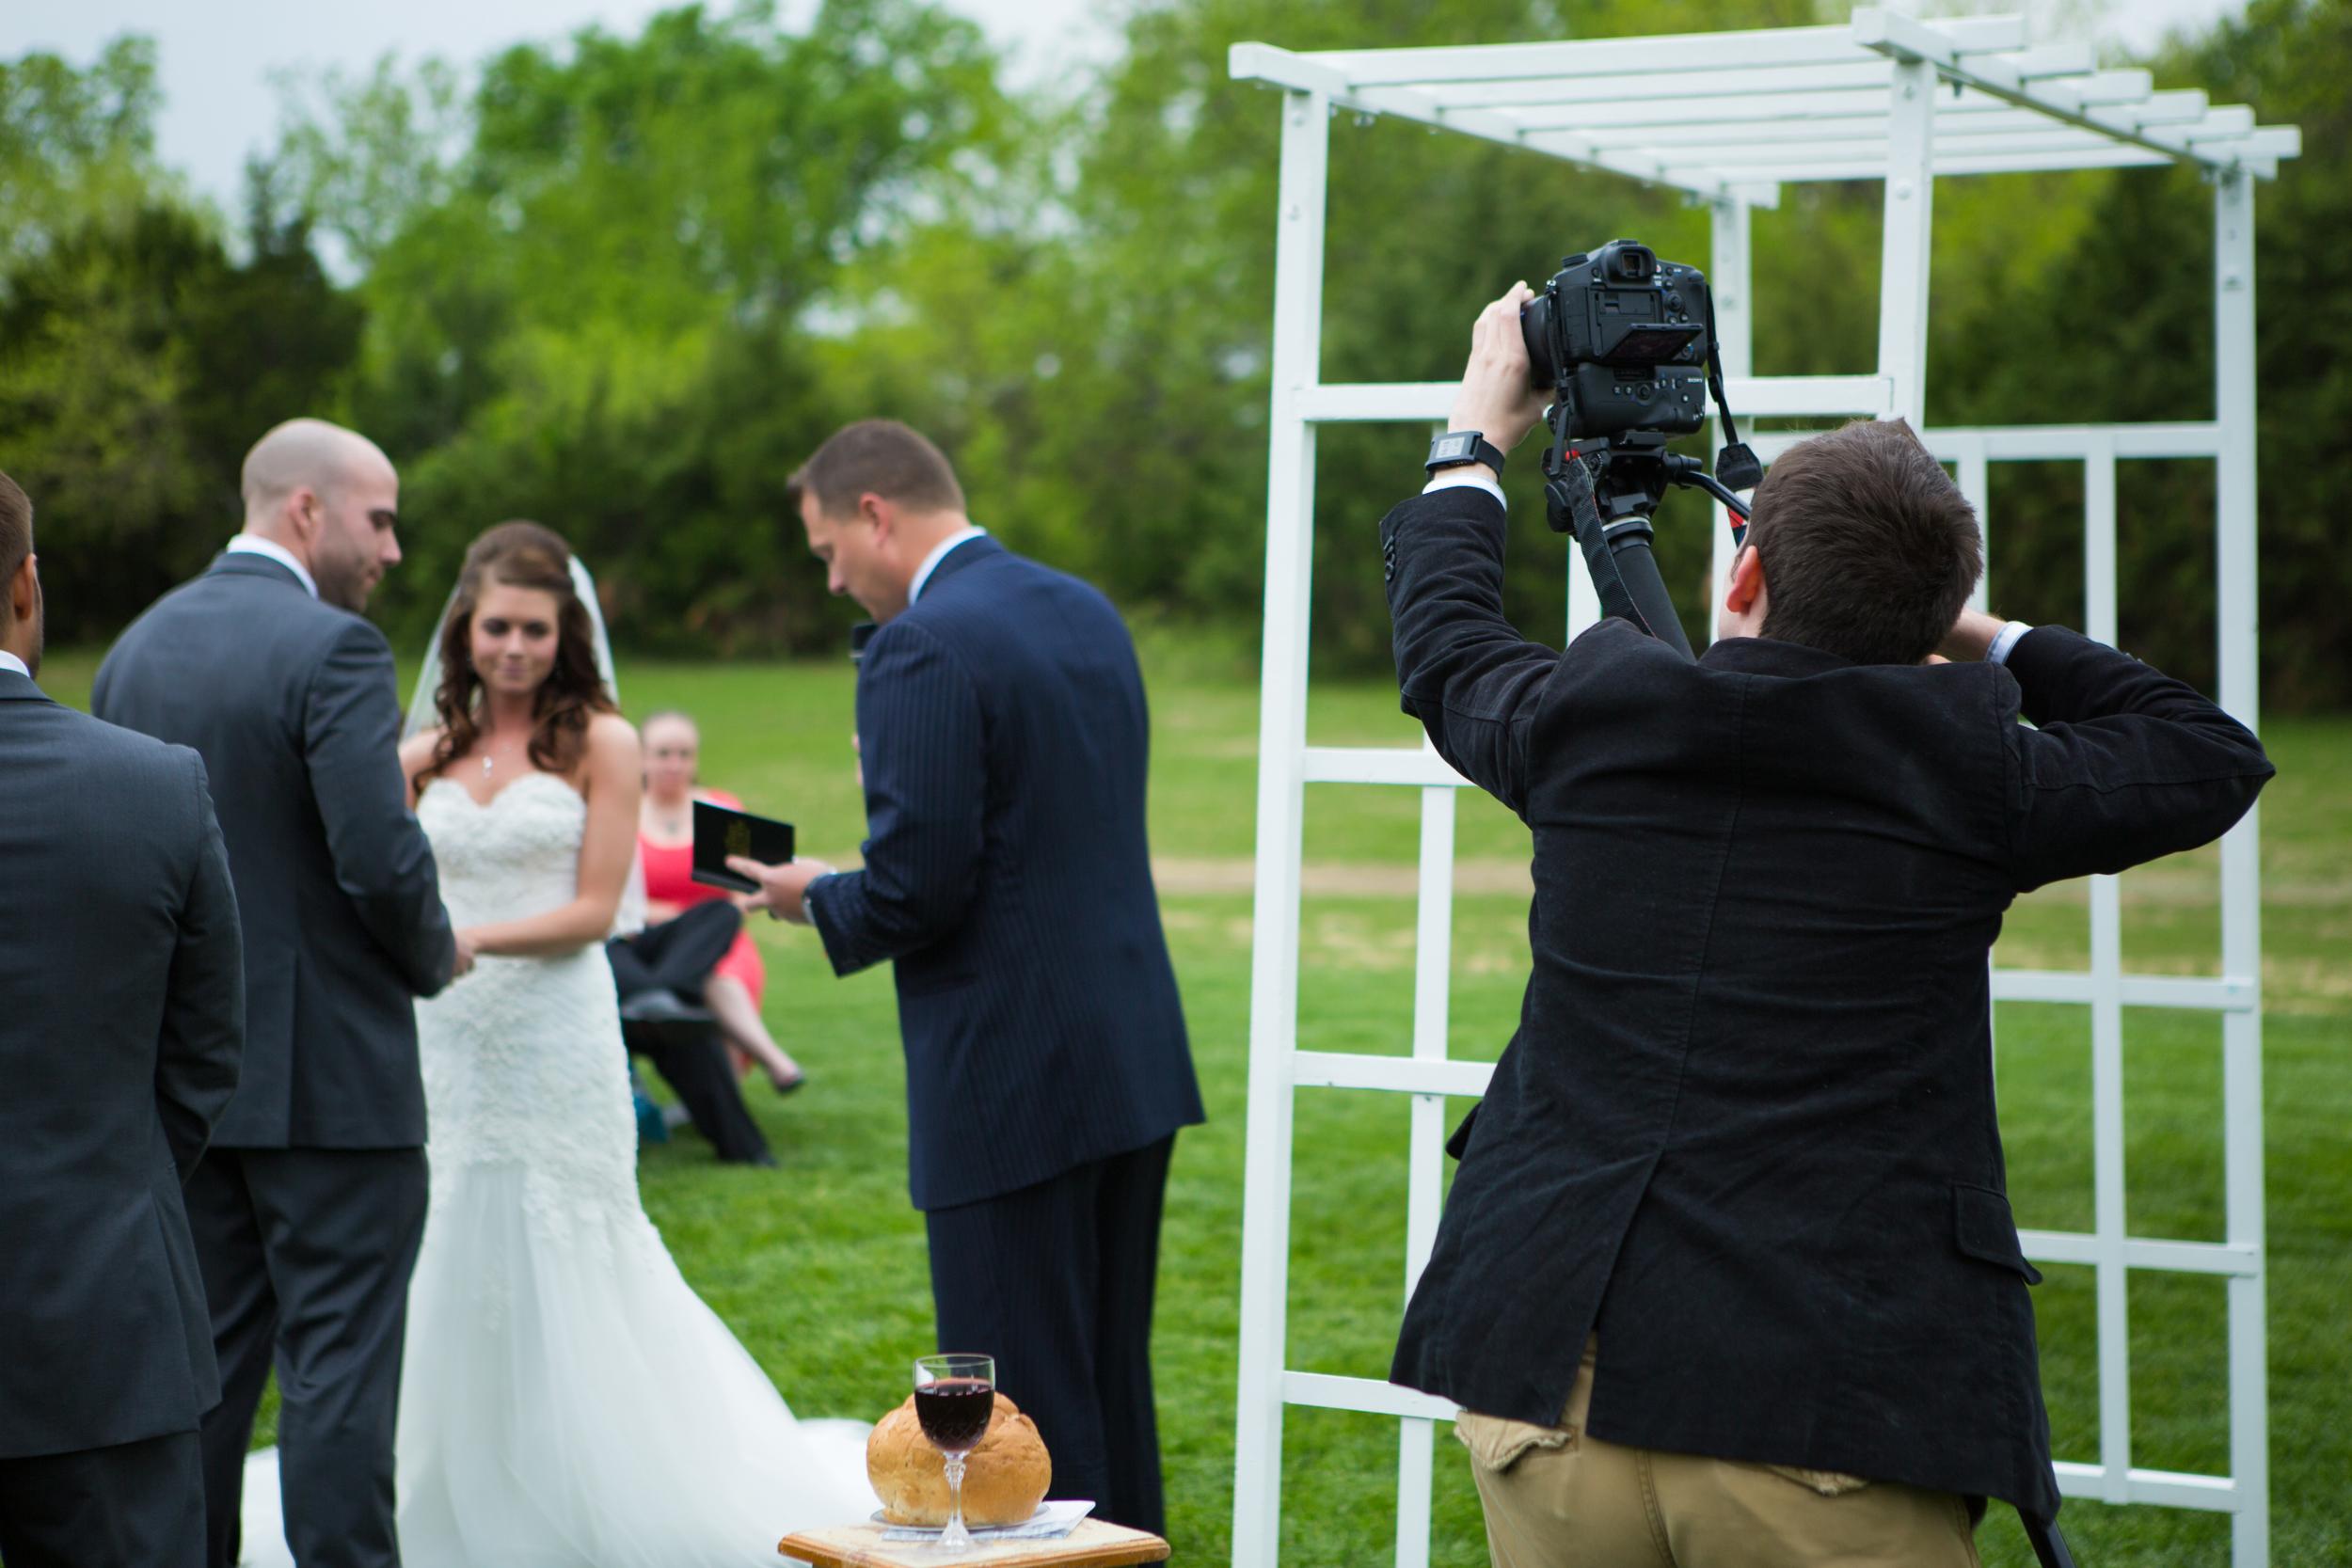 brett-smith-photo-wedding-video6.jpg